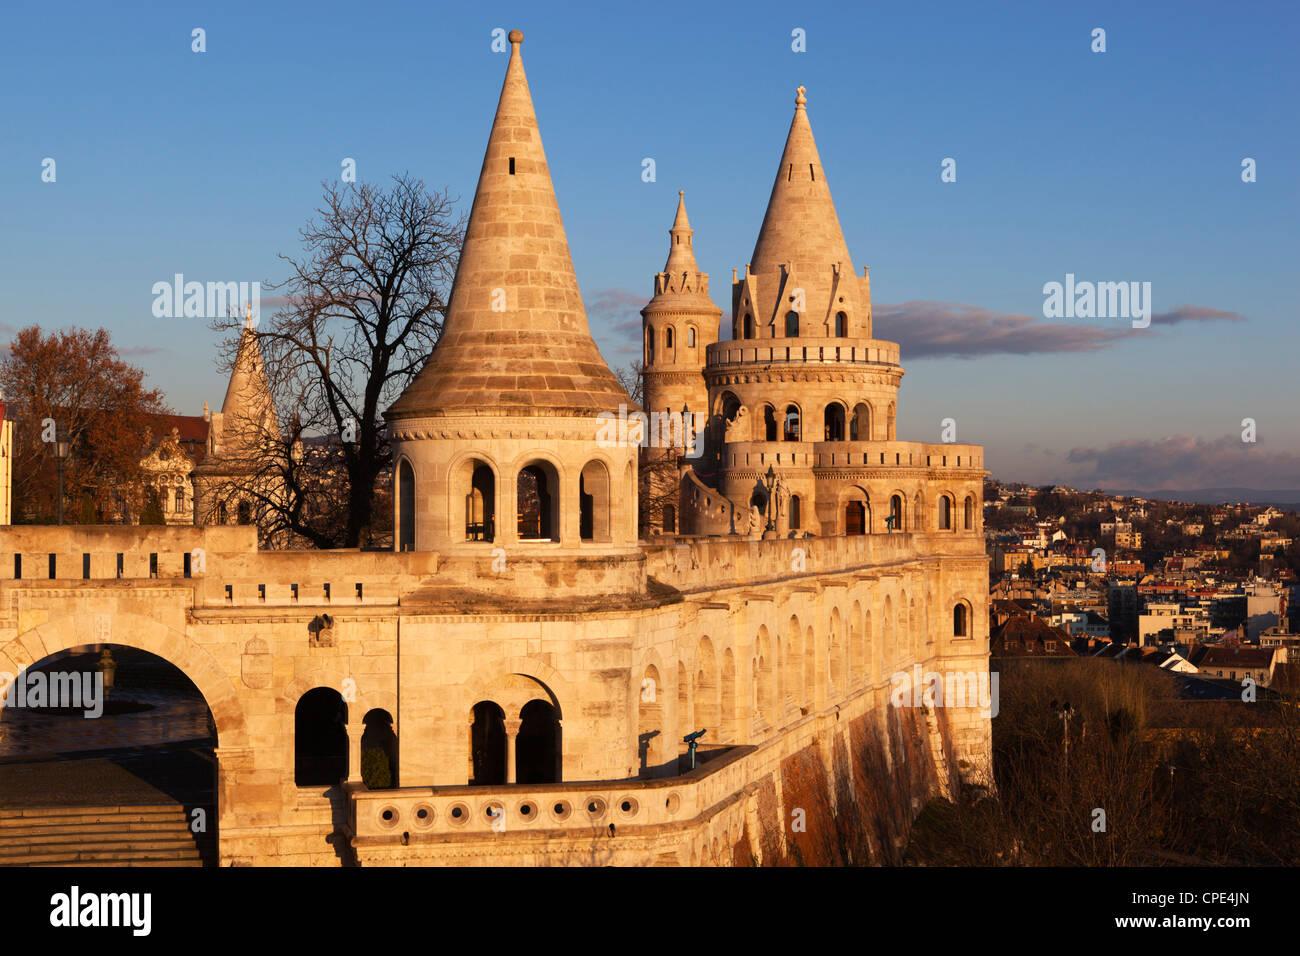 Turrets of Fishermen's Bastion (Halaszbastya), Buda, Budapest, Hungary, Europe - Stock Image